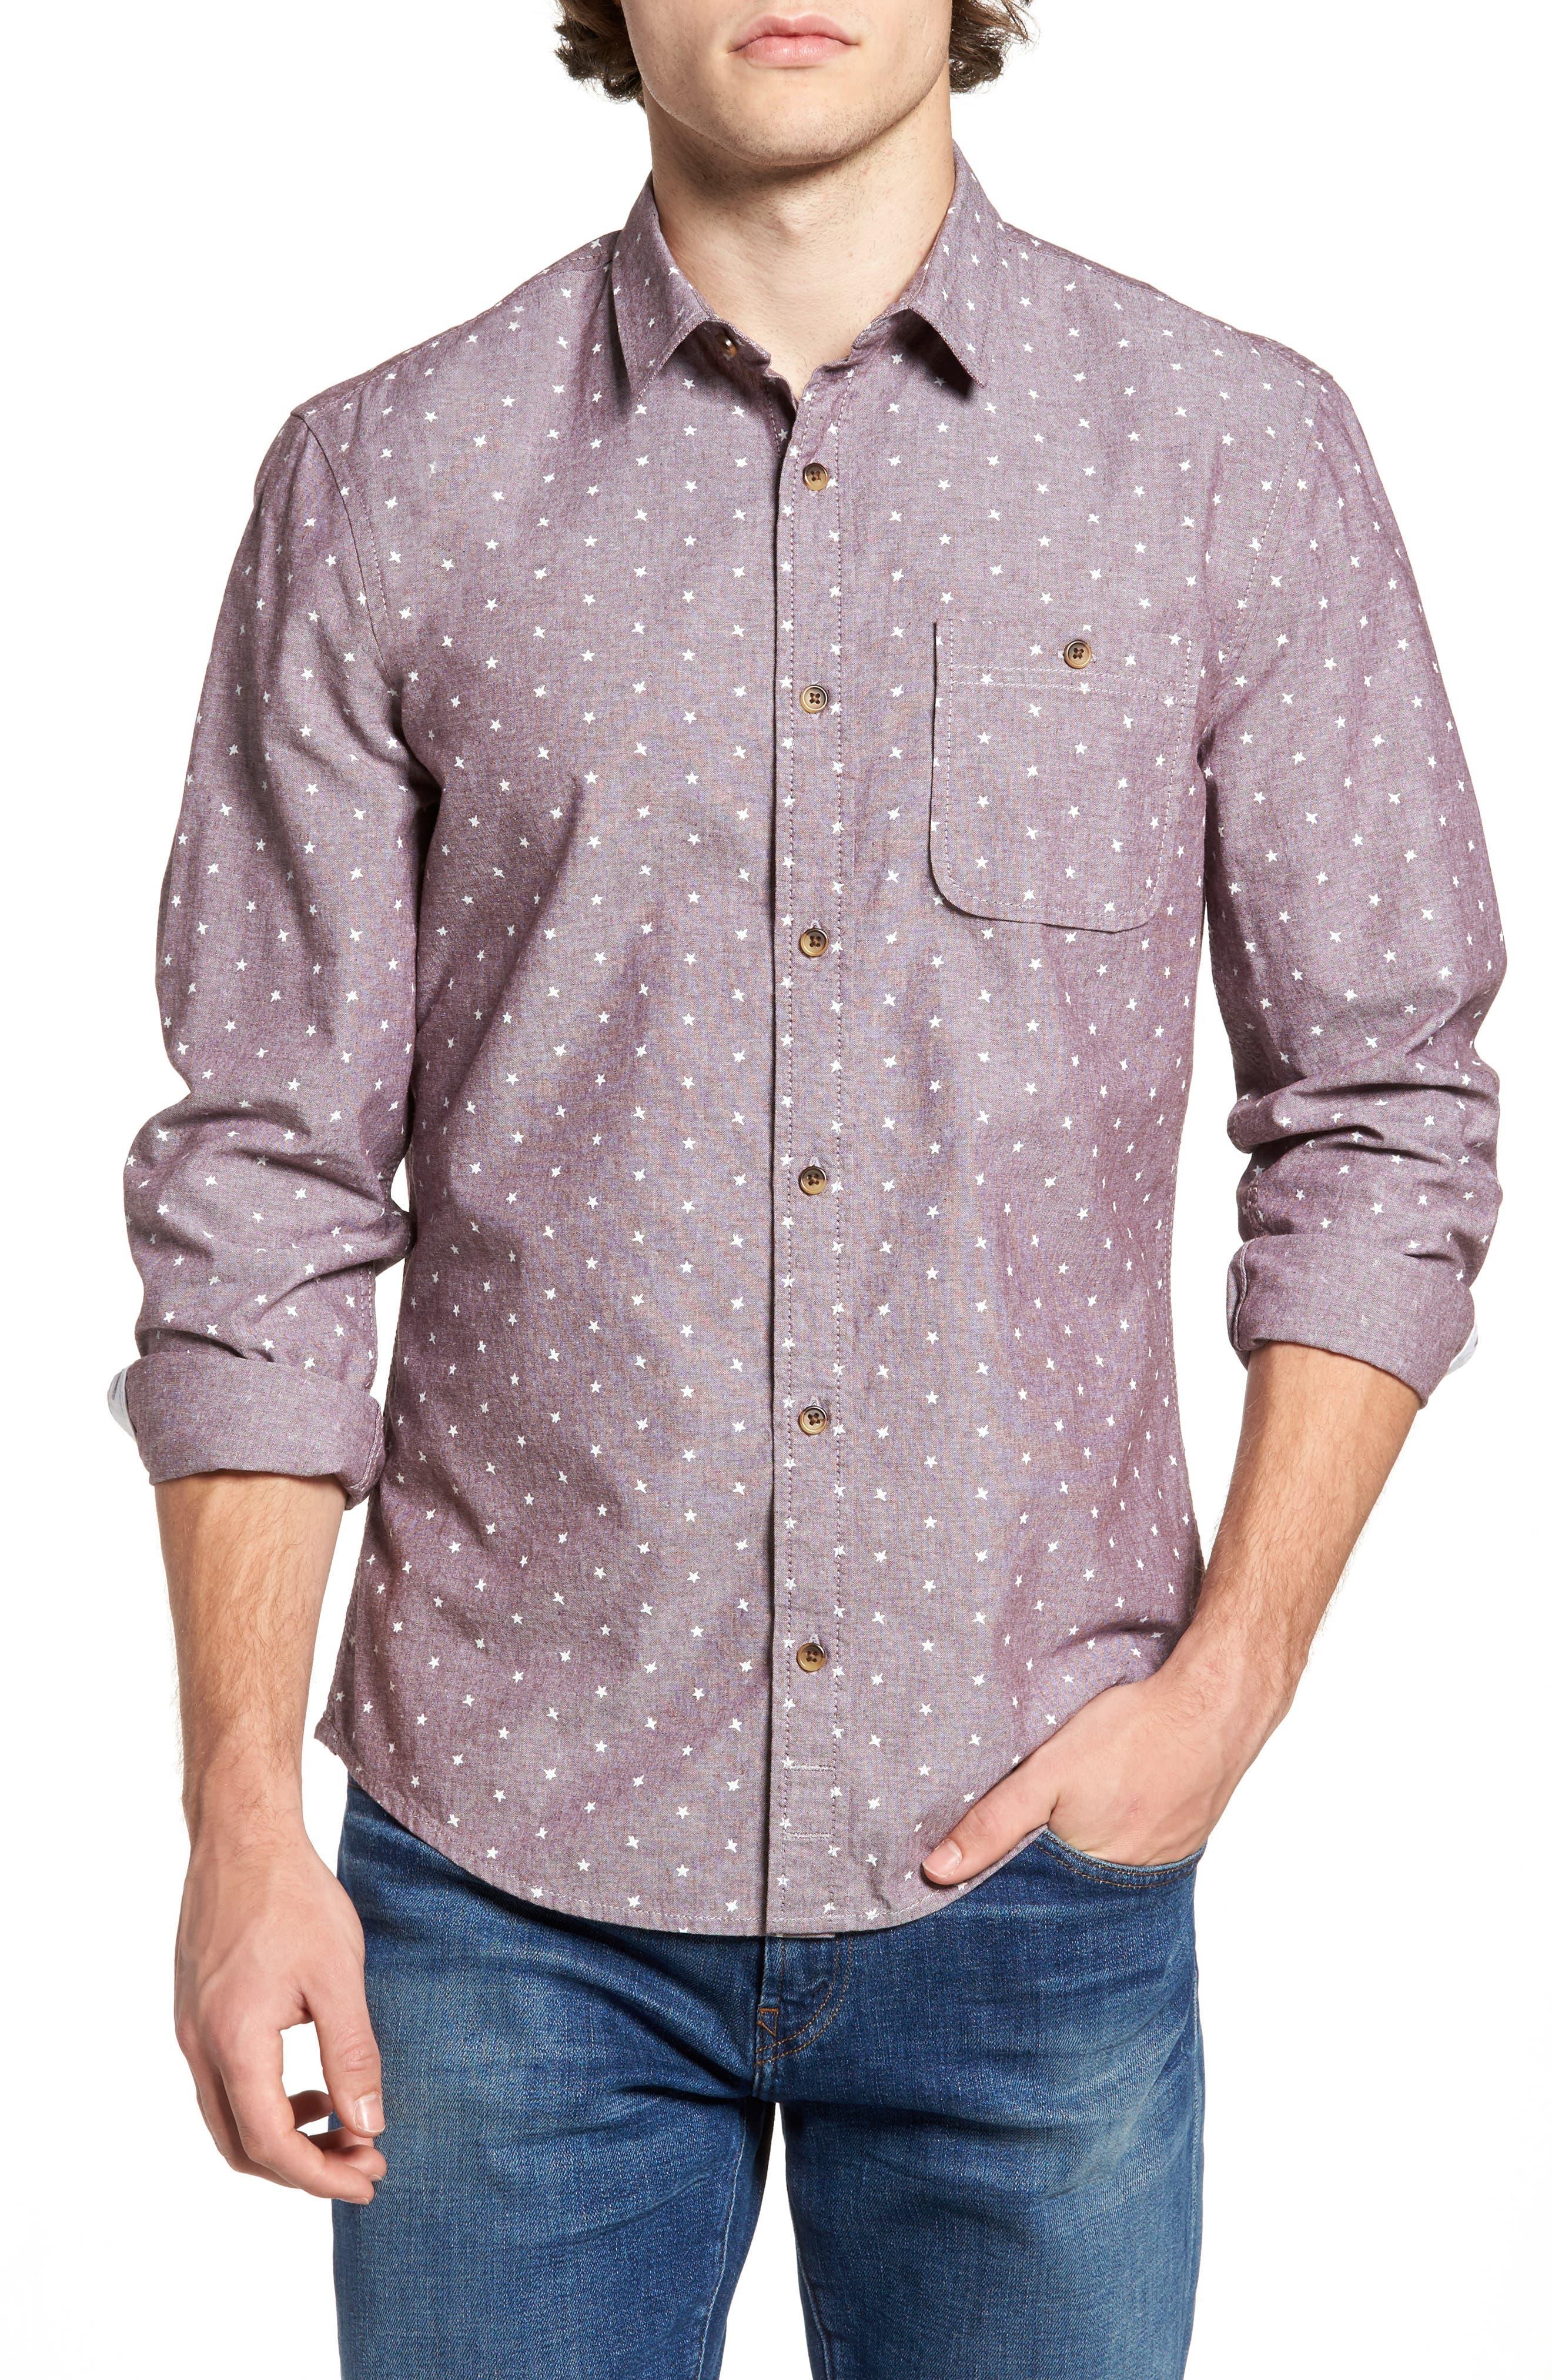 Star Chambray Shirt,                         Main,                         color, Burgundy Stem Stars Print